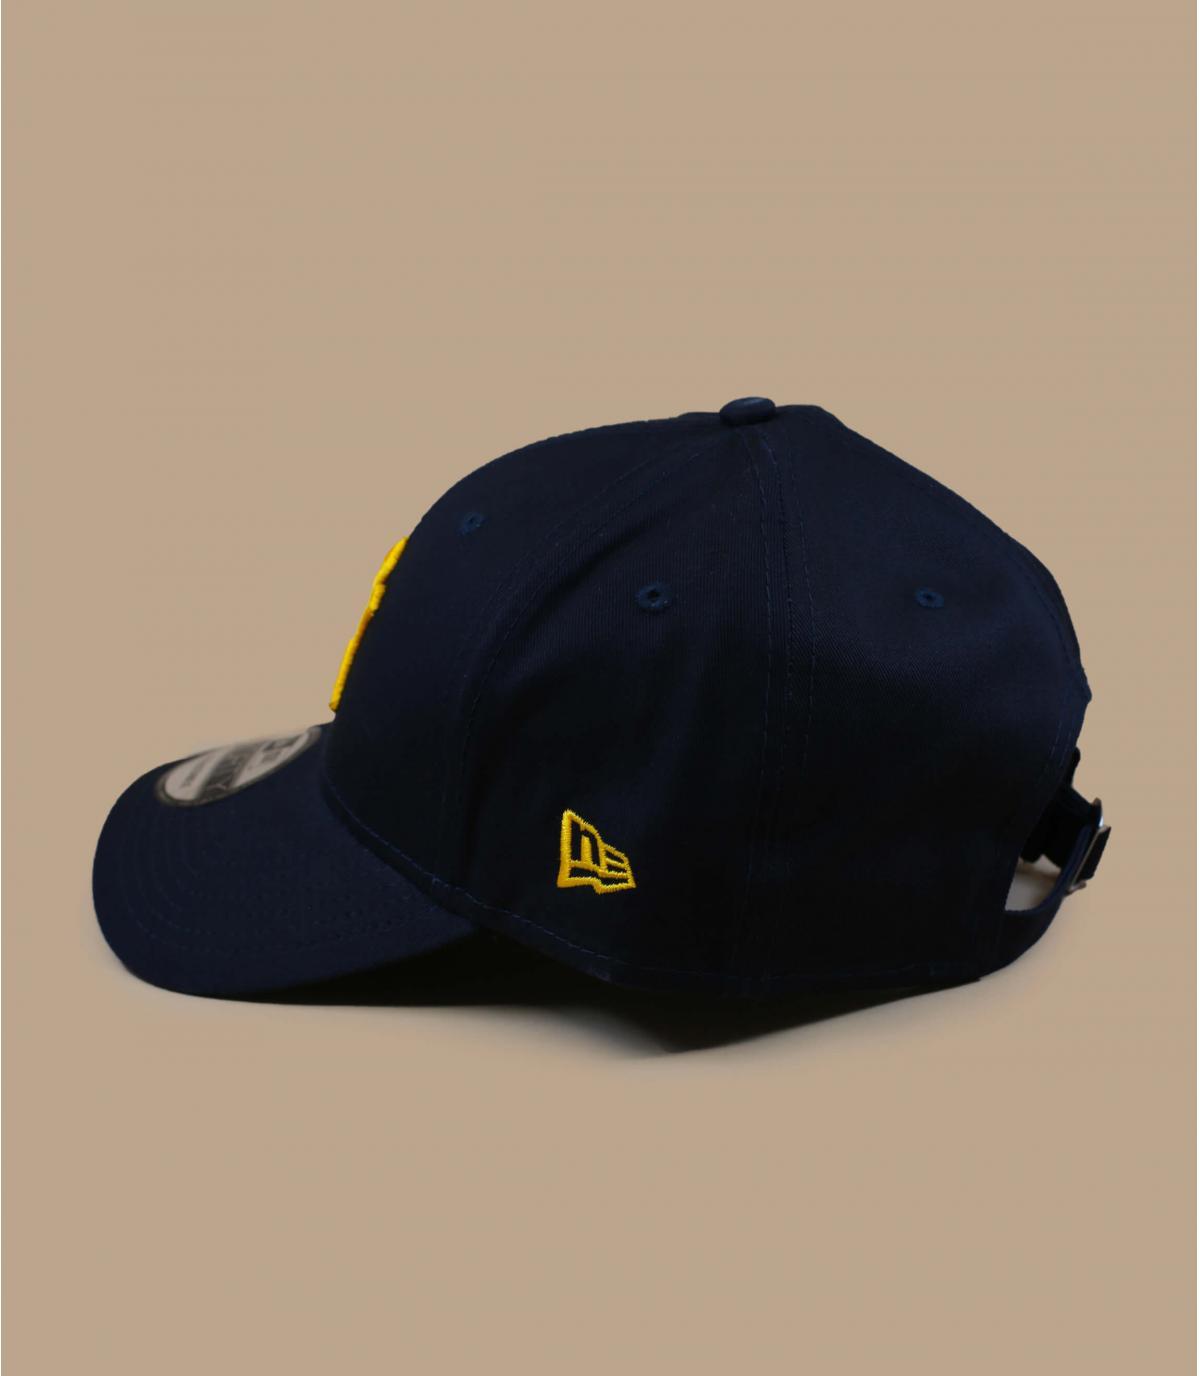 Détails Casquette League Ess 940 NY navy yellow - image 3